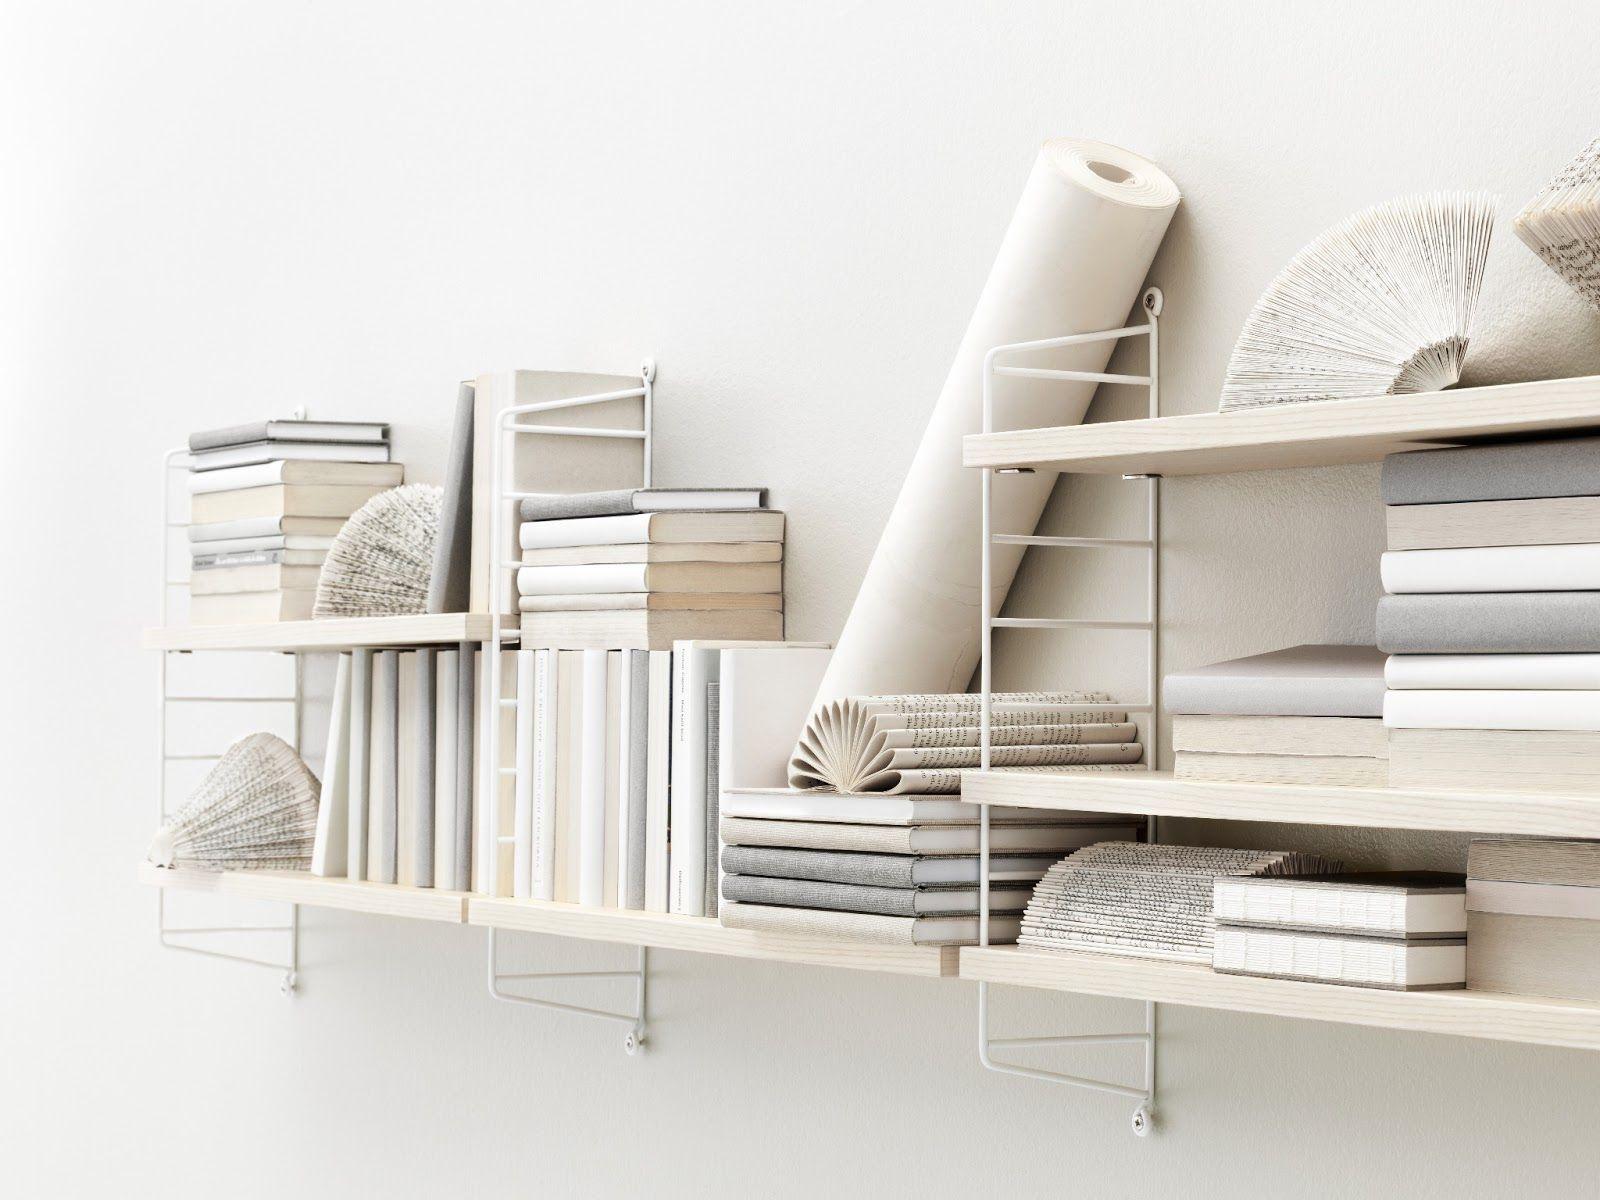 Fesselnd Regal String Pocket / Holz   L 60 X H 50 Cm, Esche / Seitenelemente Weiß  Von String Furniture Finden Sie Bei Made In Design, Ihrem Online Shop Für  ...